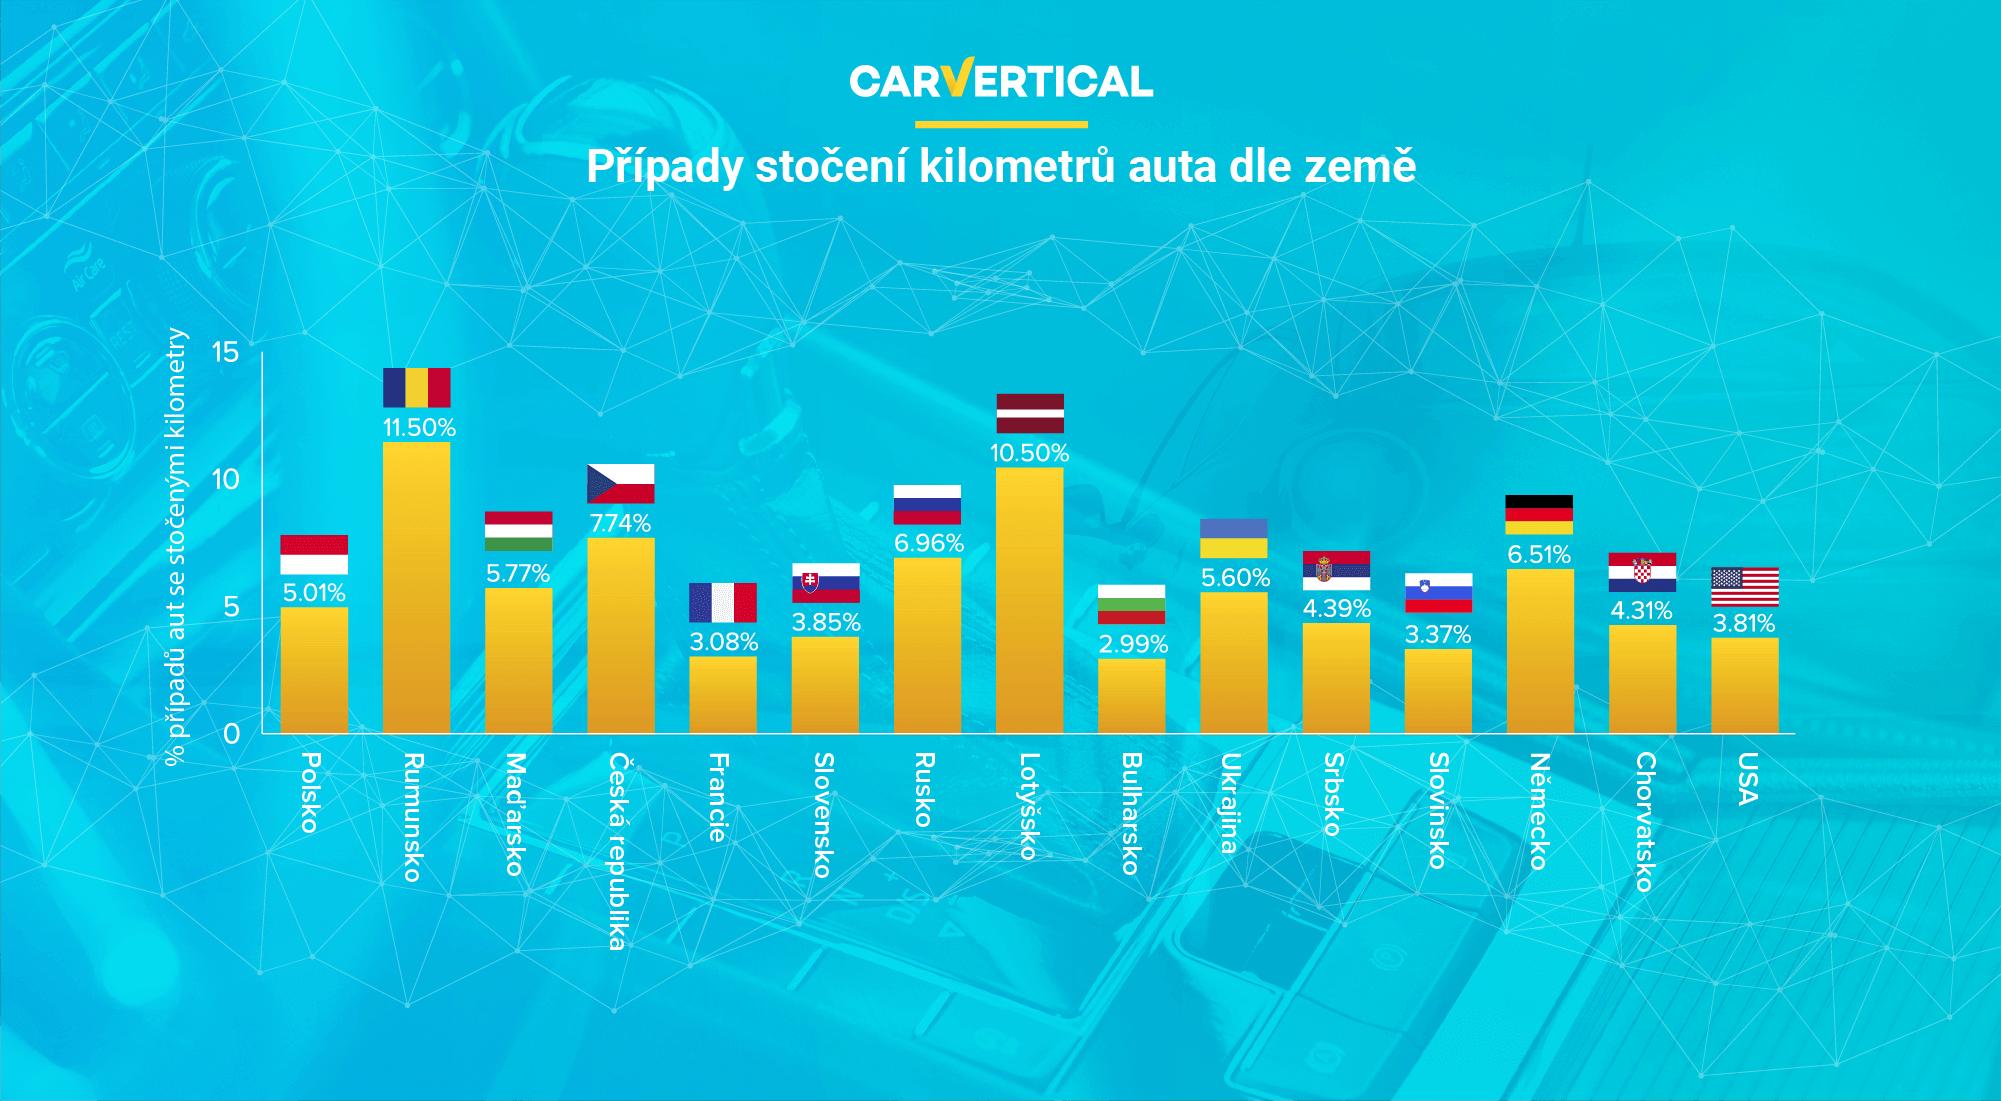 Srovnání modelů automobilů, které mají stočené kilometry, dle zemí